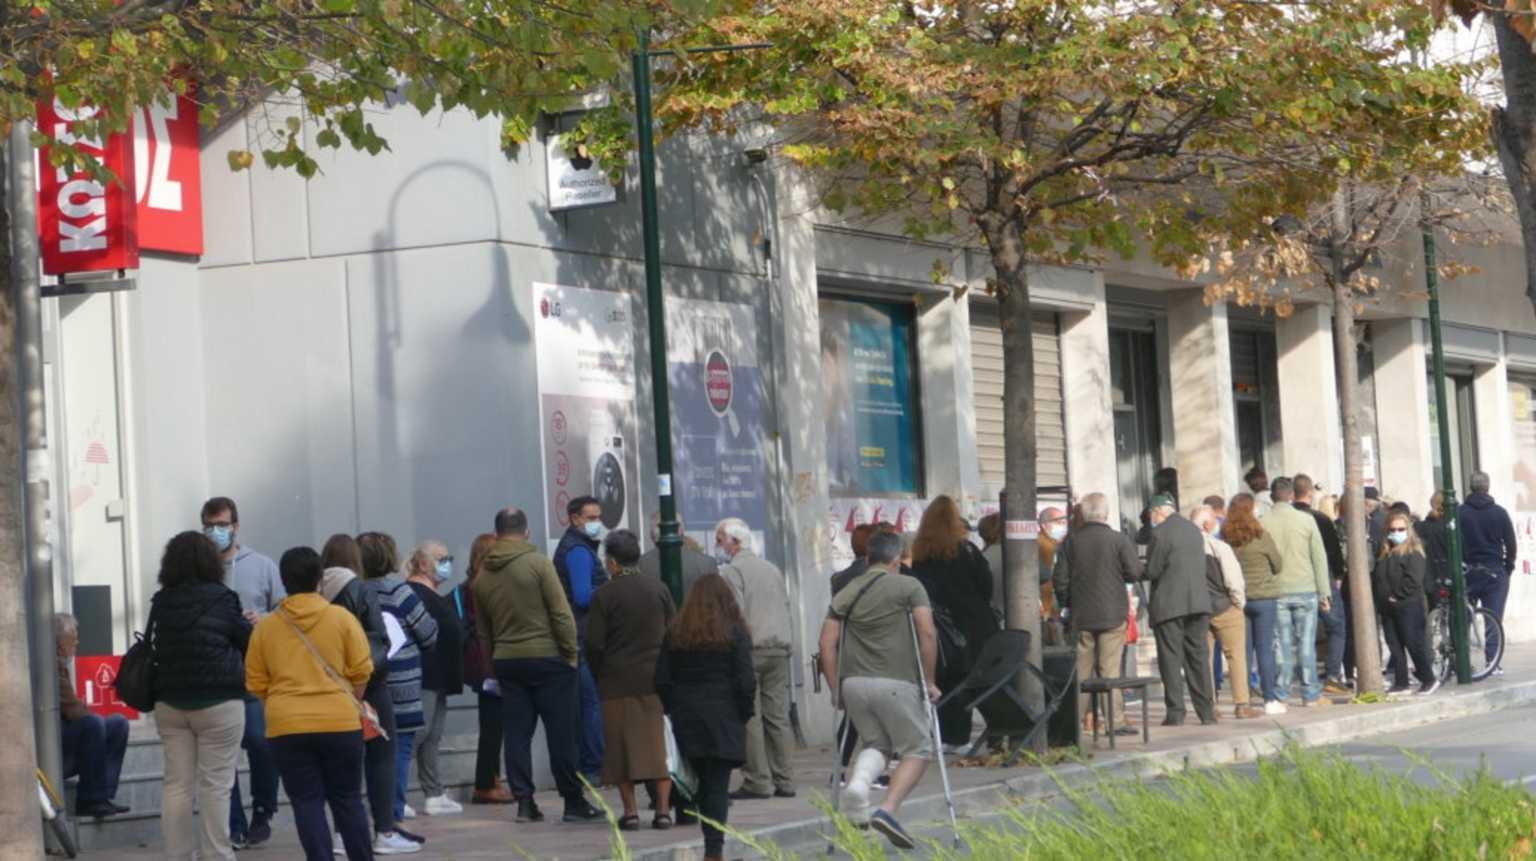 Κορονοϊός: Lockdown με ατελείωτες ουρές στη Λάρισα! Ανησυχία για τα νέα κρούσματα (Φωτό)